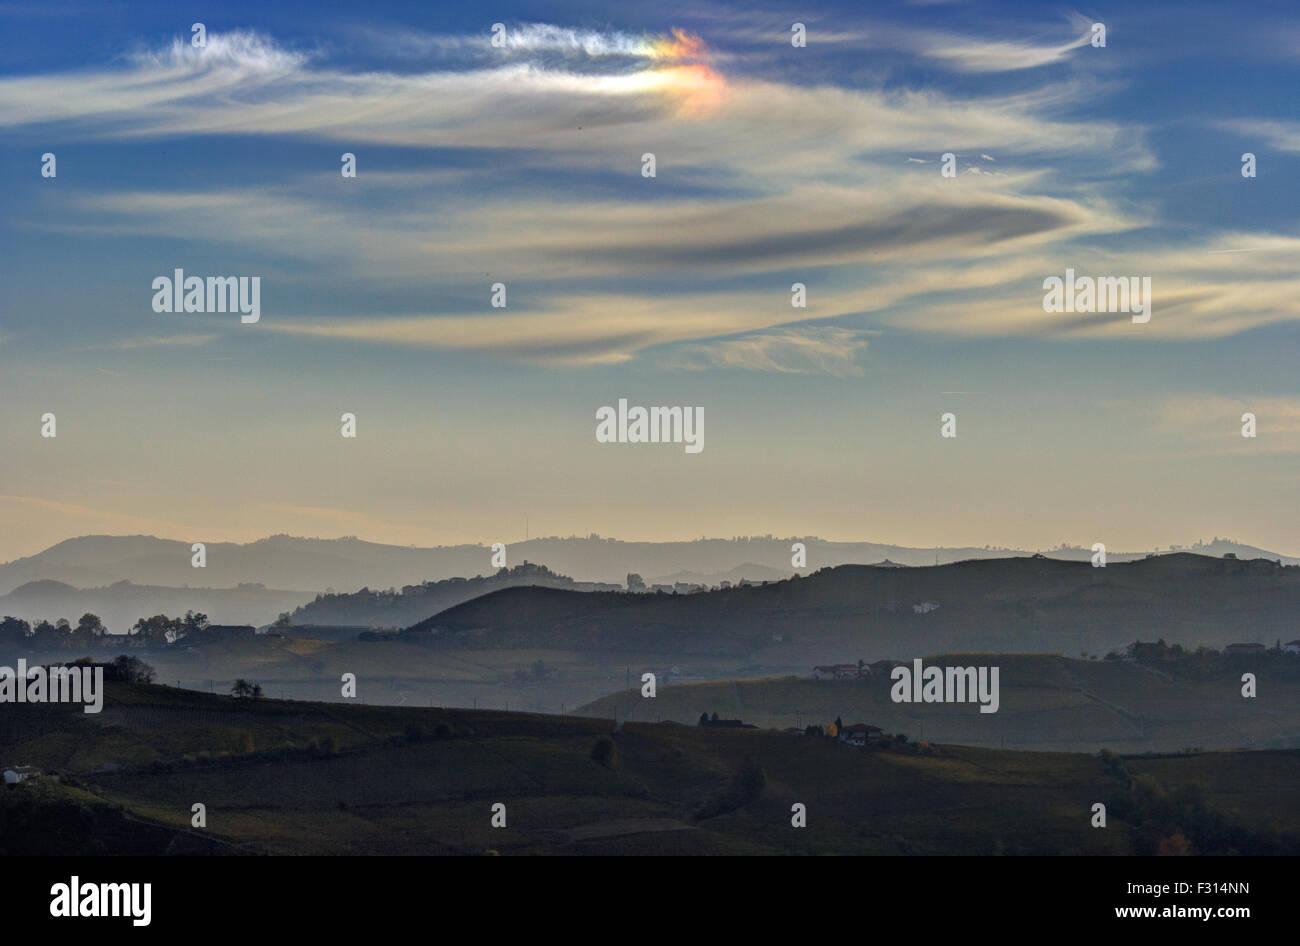 Sun cani (Parhelio) nella campagna vicino a Canelli (Piemonte) Foto Stock